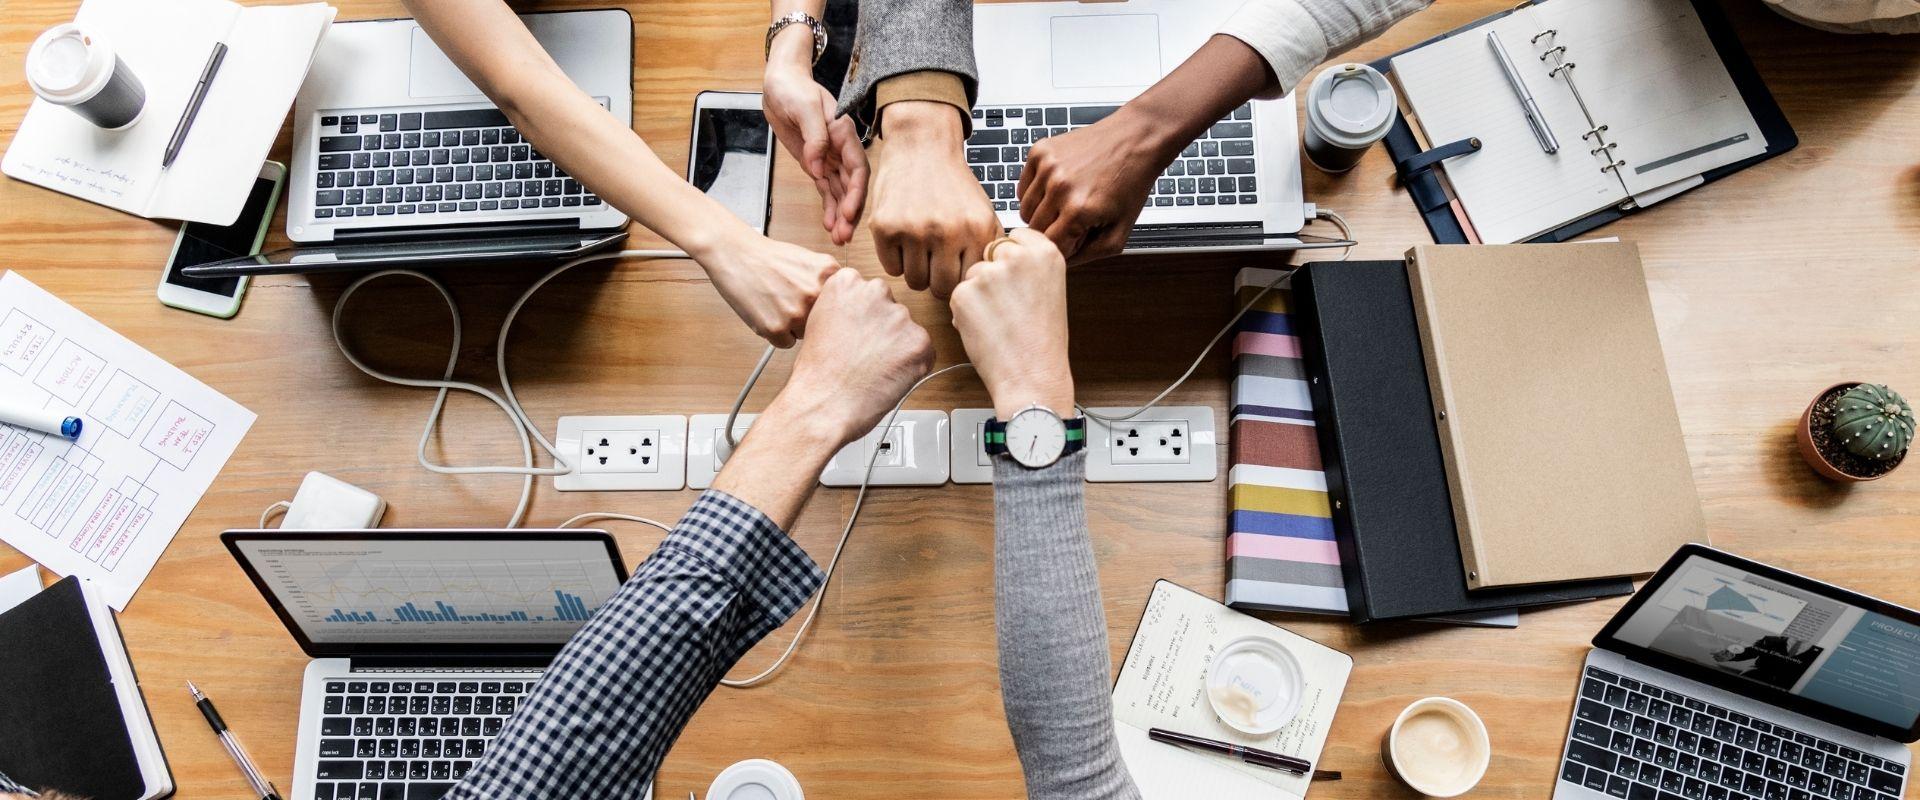 Os benefícios da afinidade dentro de uma equipe de TI